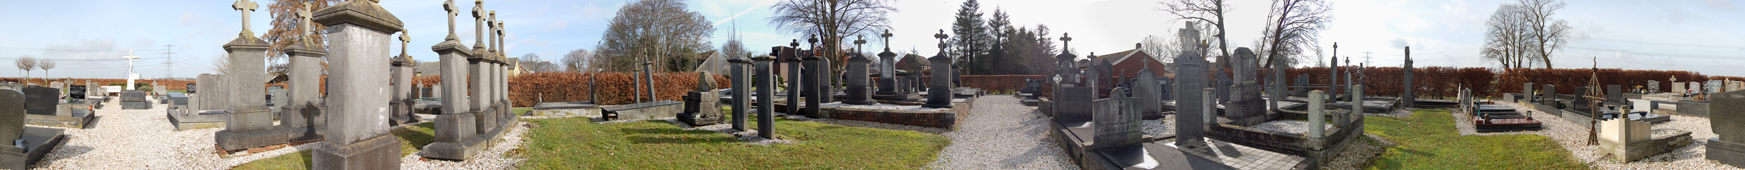 Begraafplaats JR Stuutstraat